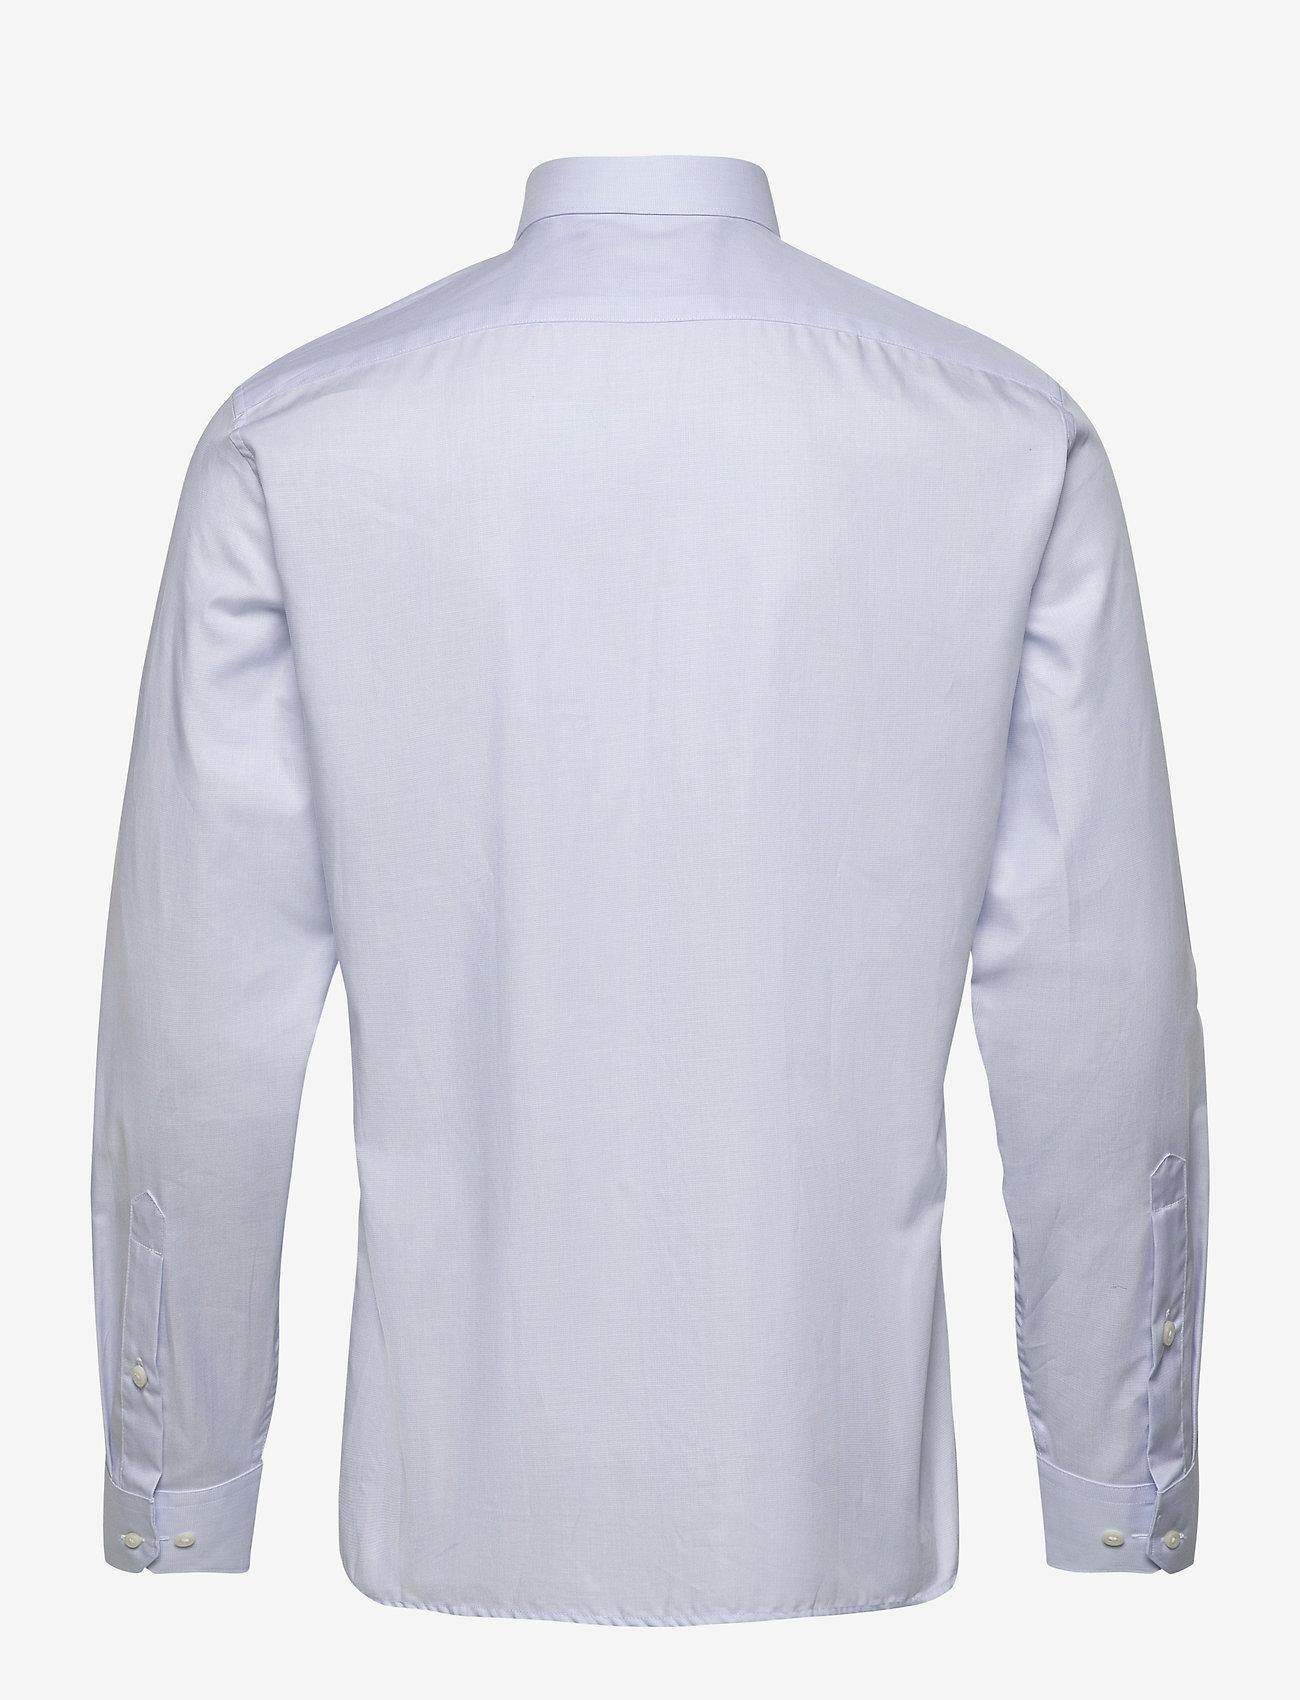 Jack & Jones - JPRBLAROYAL SHIRT L/S - basic skjortor - cashmere blue - 1